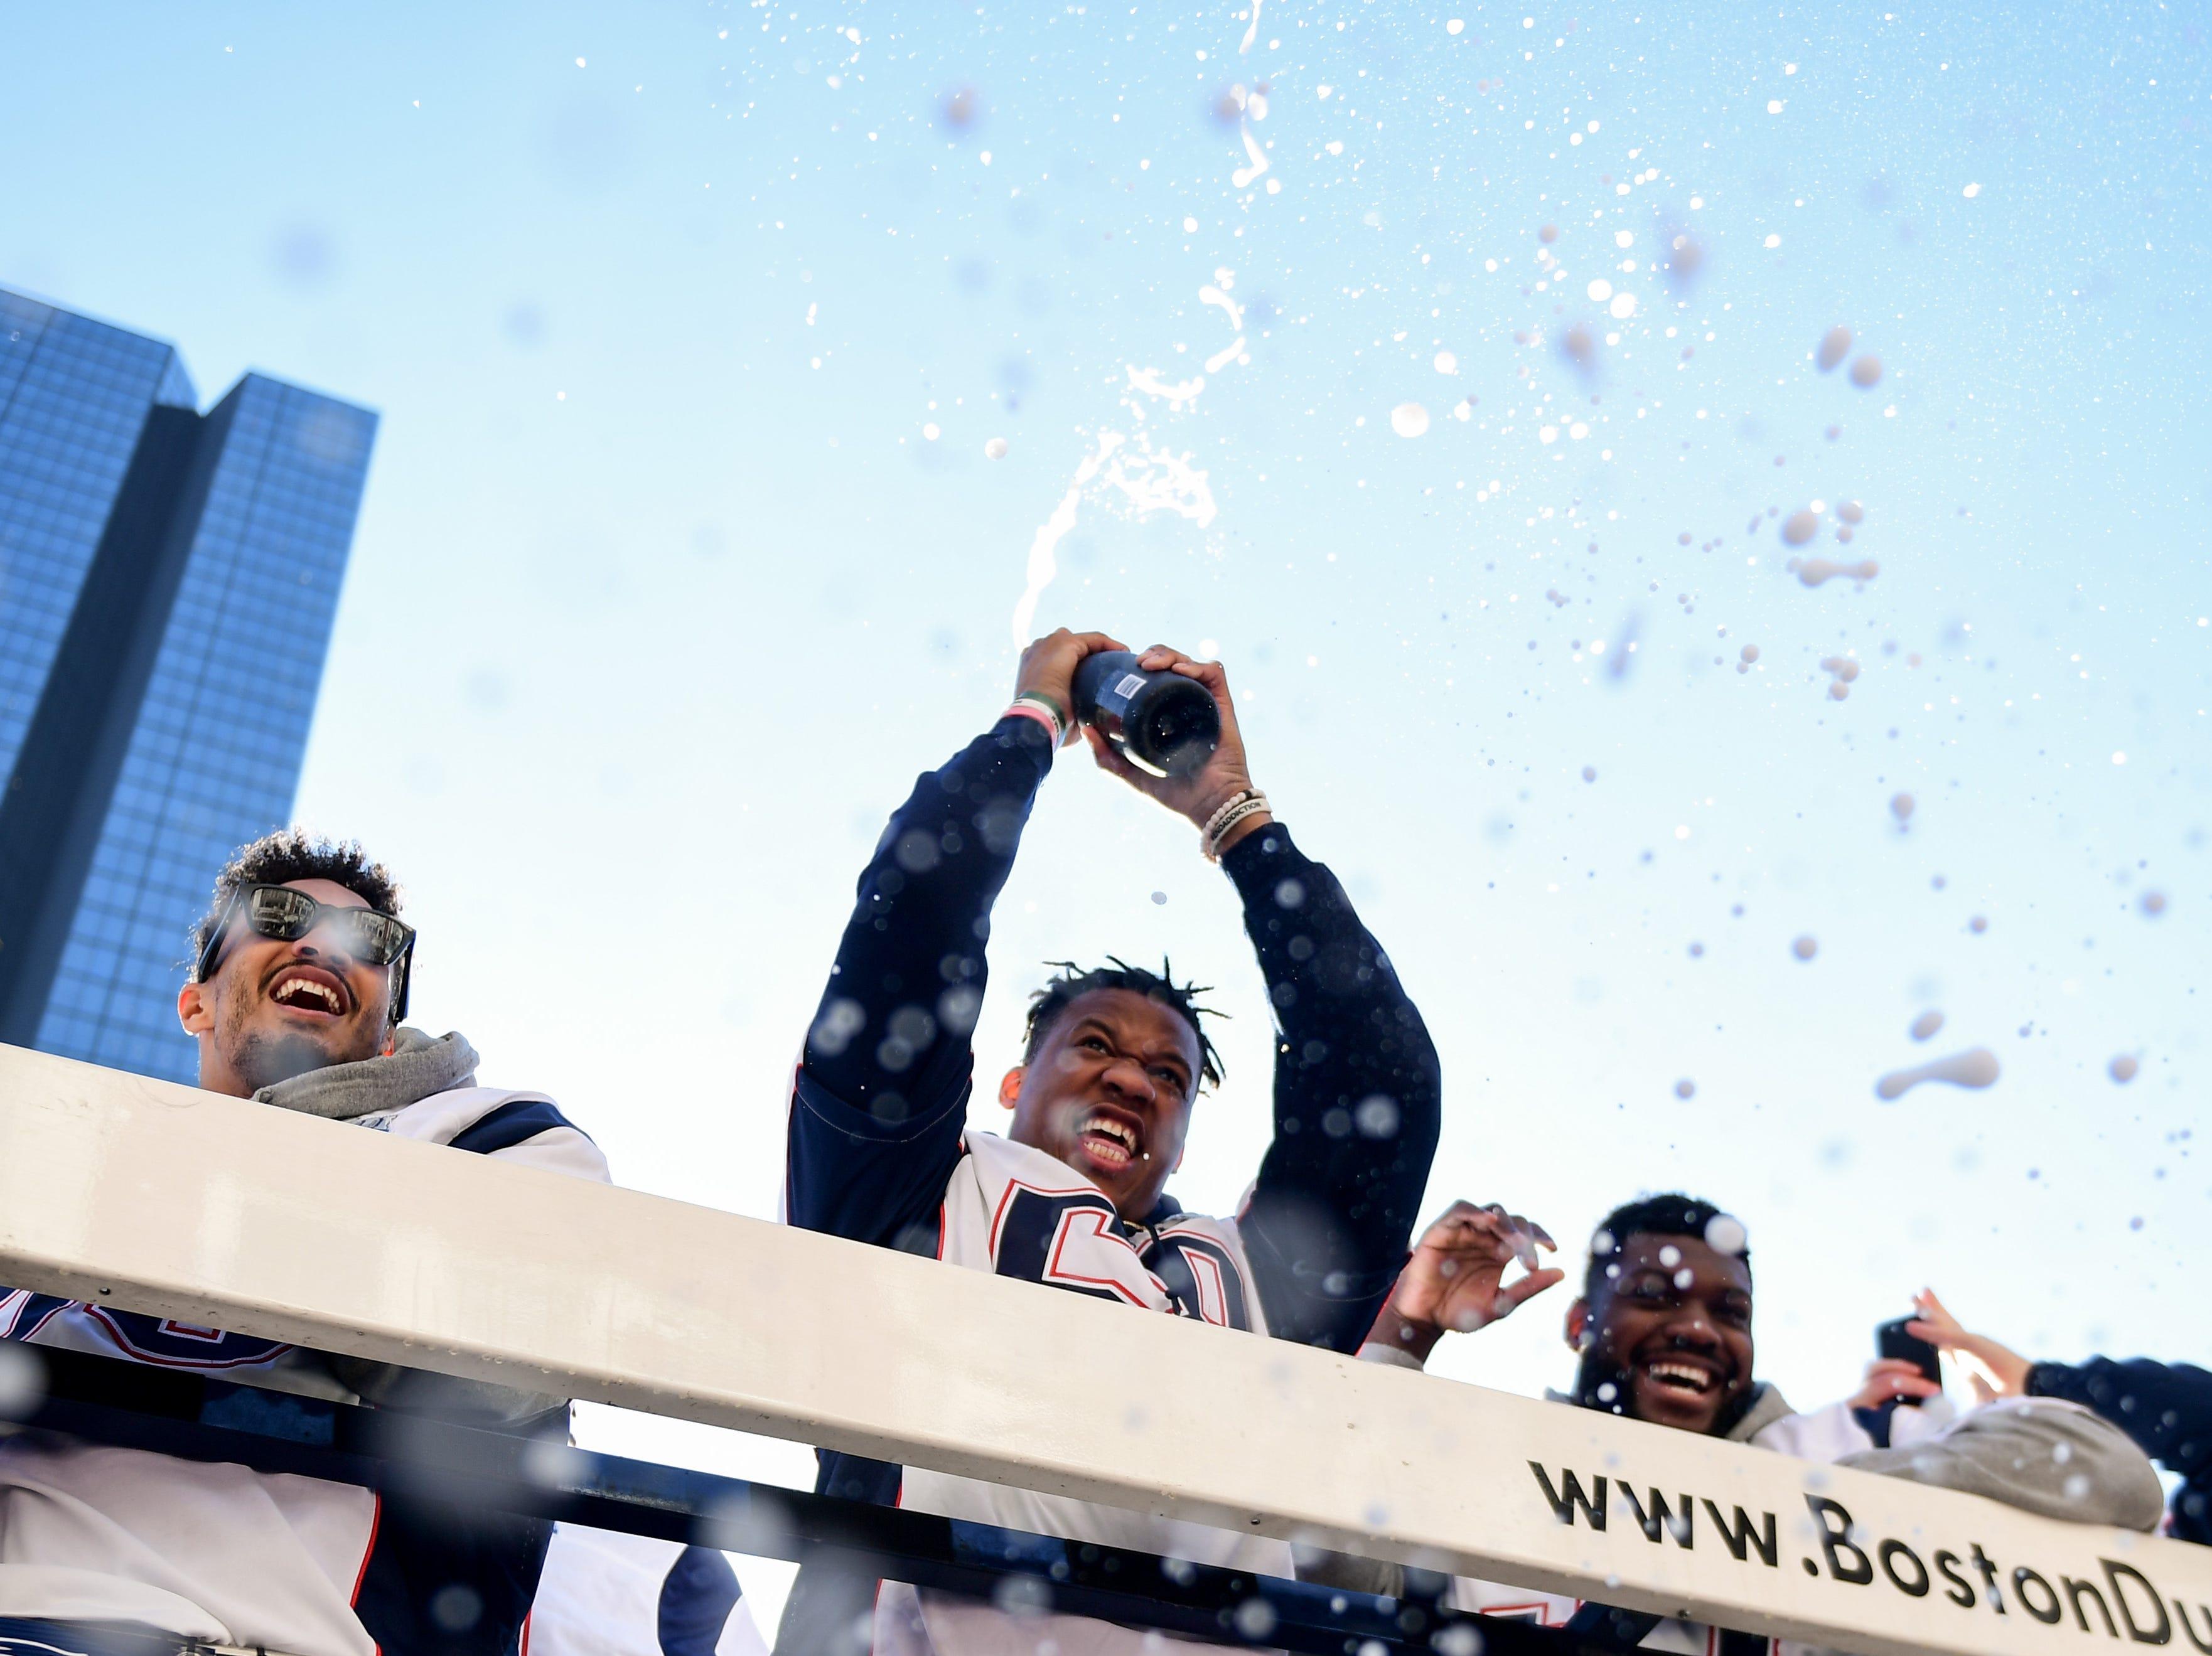 """Centenares de miles de fanáticos entusiasmados se concentraron en el centro de Boston el martes para el desfile de celebración del sexto título de Super Bowl de los Patriots de Nueva Inglaterra, pidiendo más con gritos de """"¡Queremos siete!"""" y """"¡El próximo año, aquí mismo!""""."""